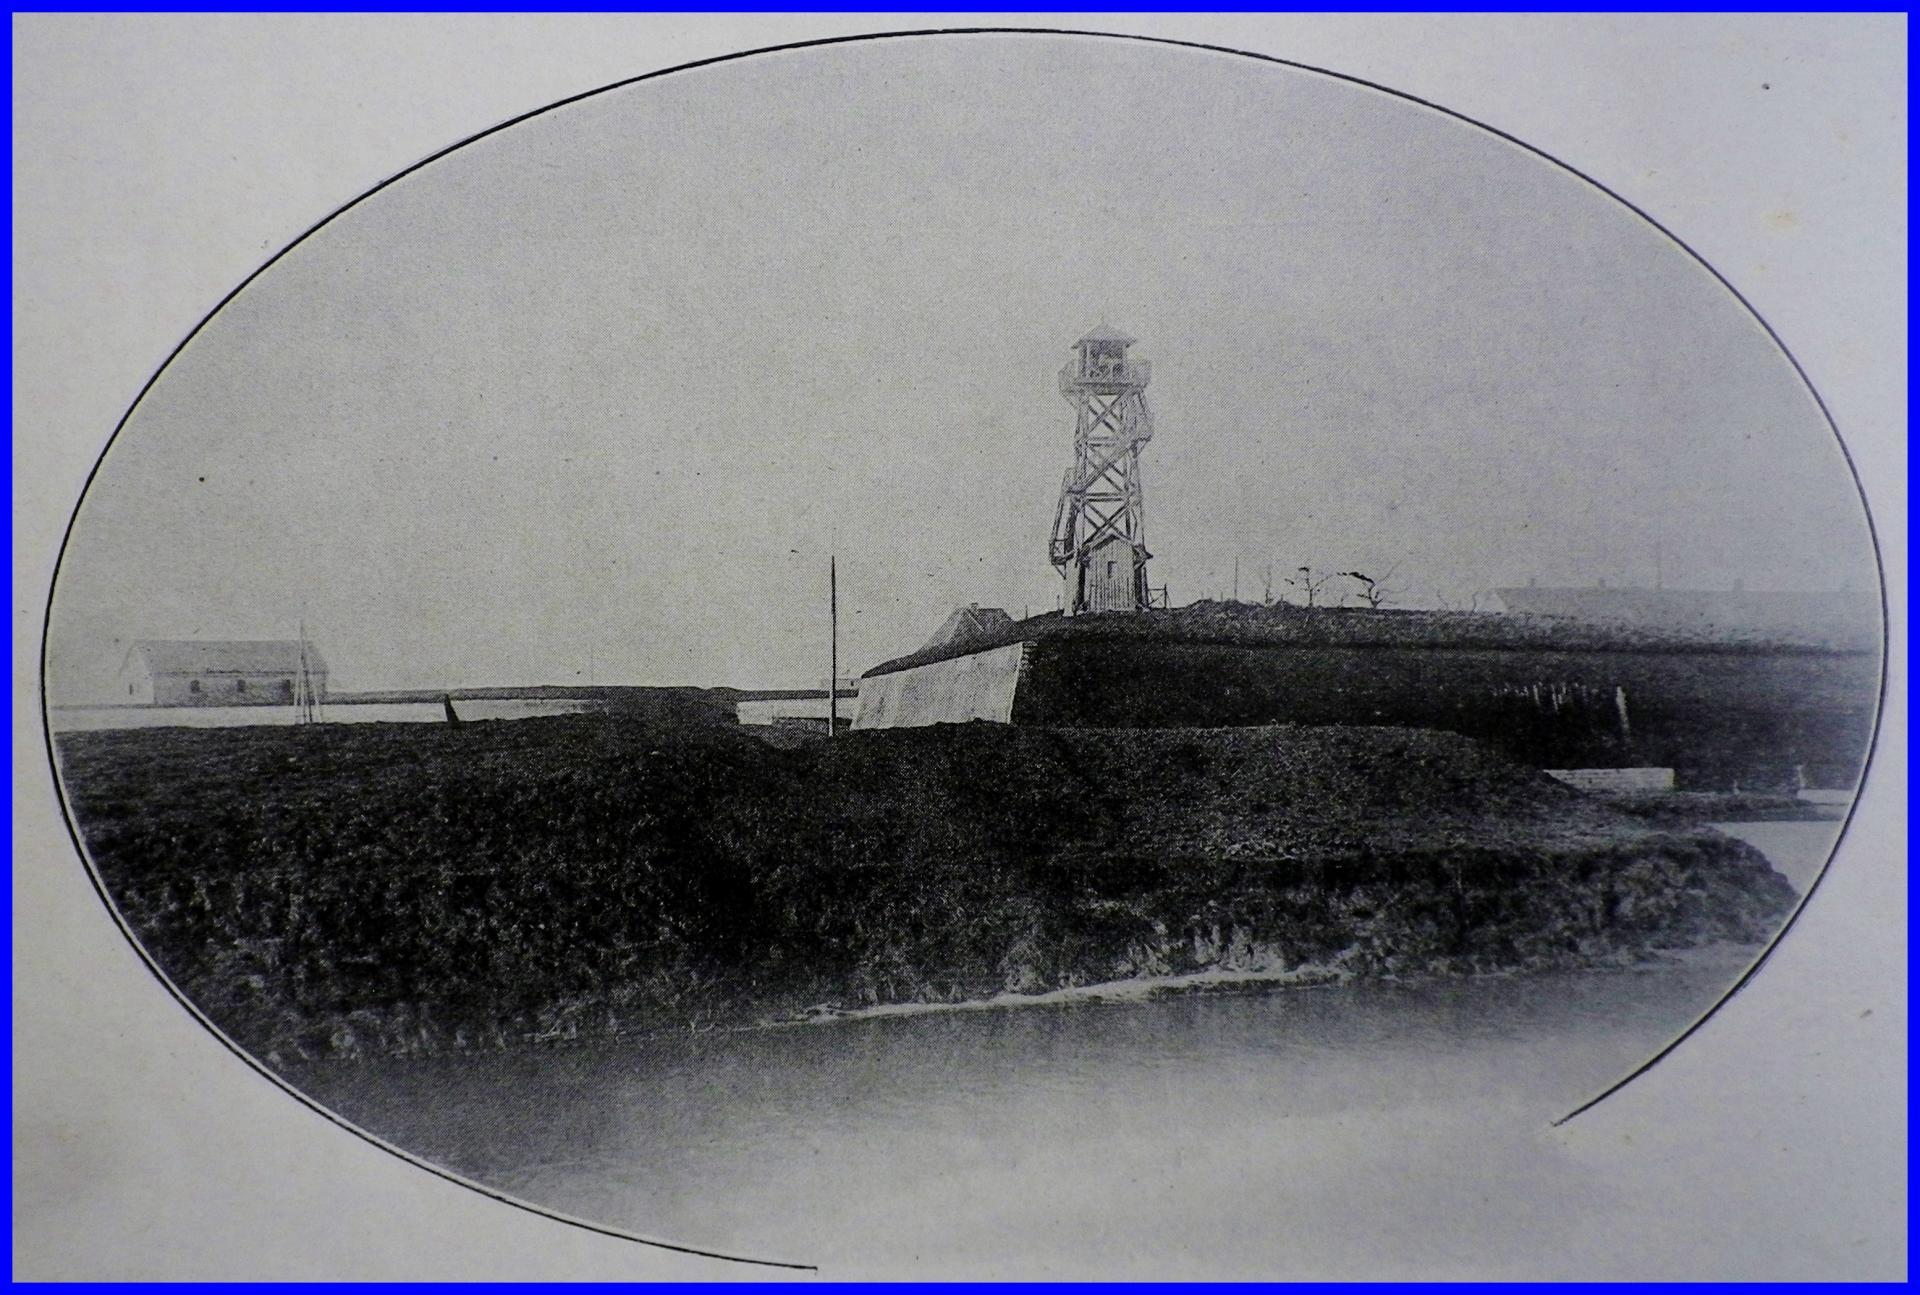 Calais 14 18 sirene d alarme et son echafaudage a langle des remparts de la citadelle pres de la gare centrale encadre